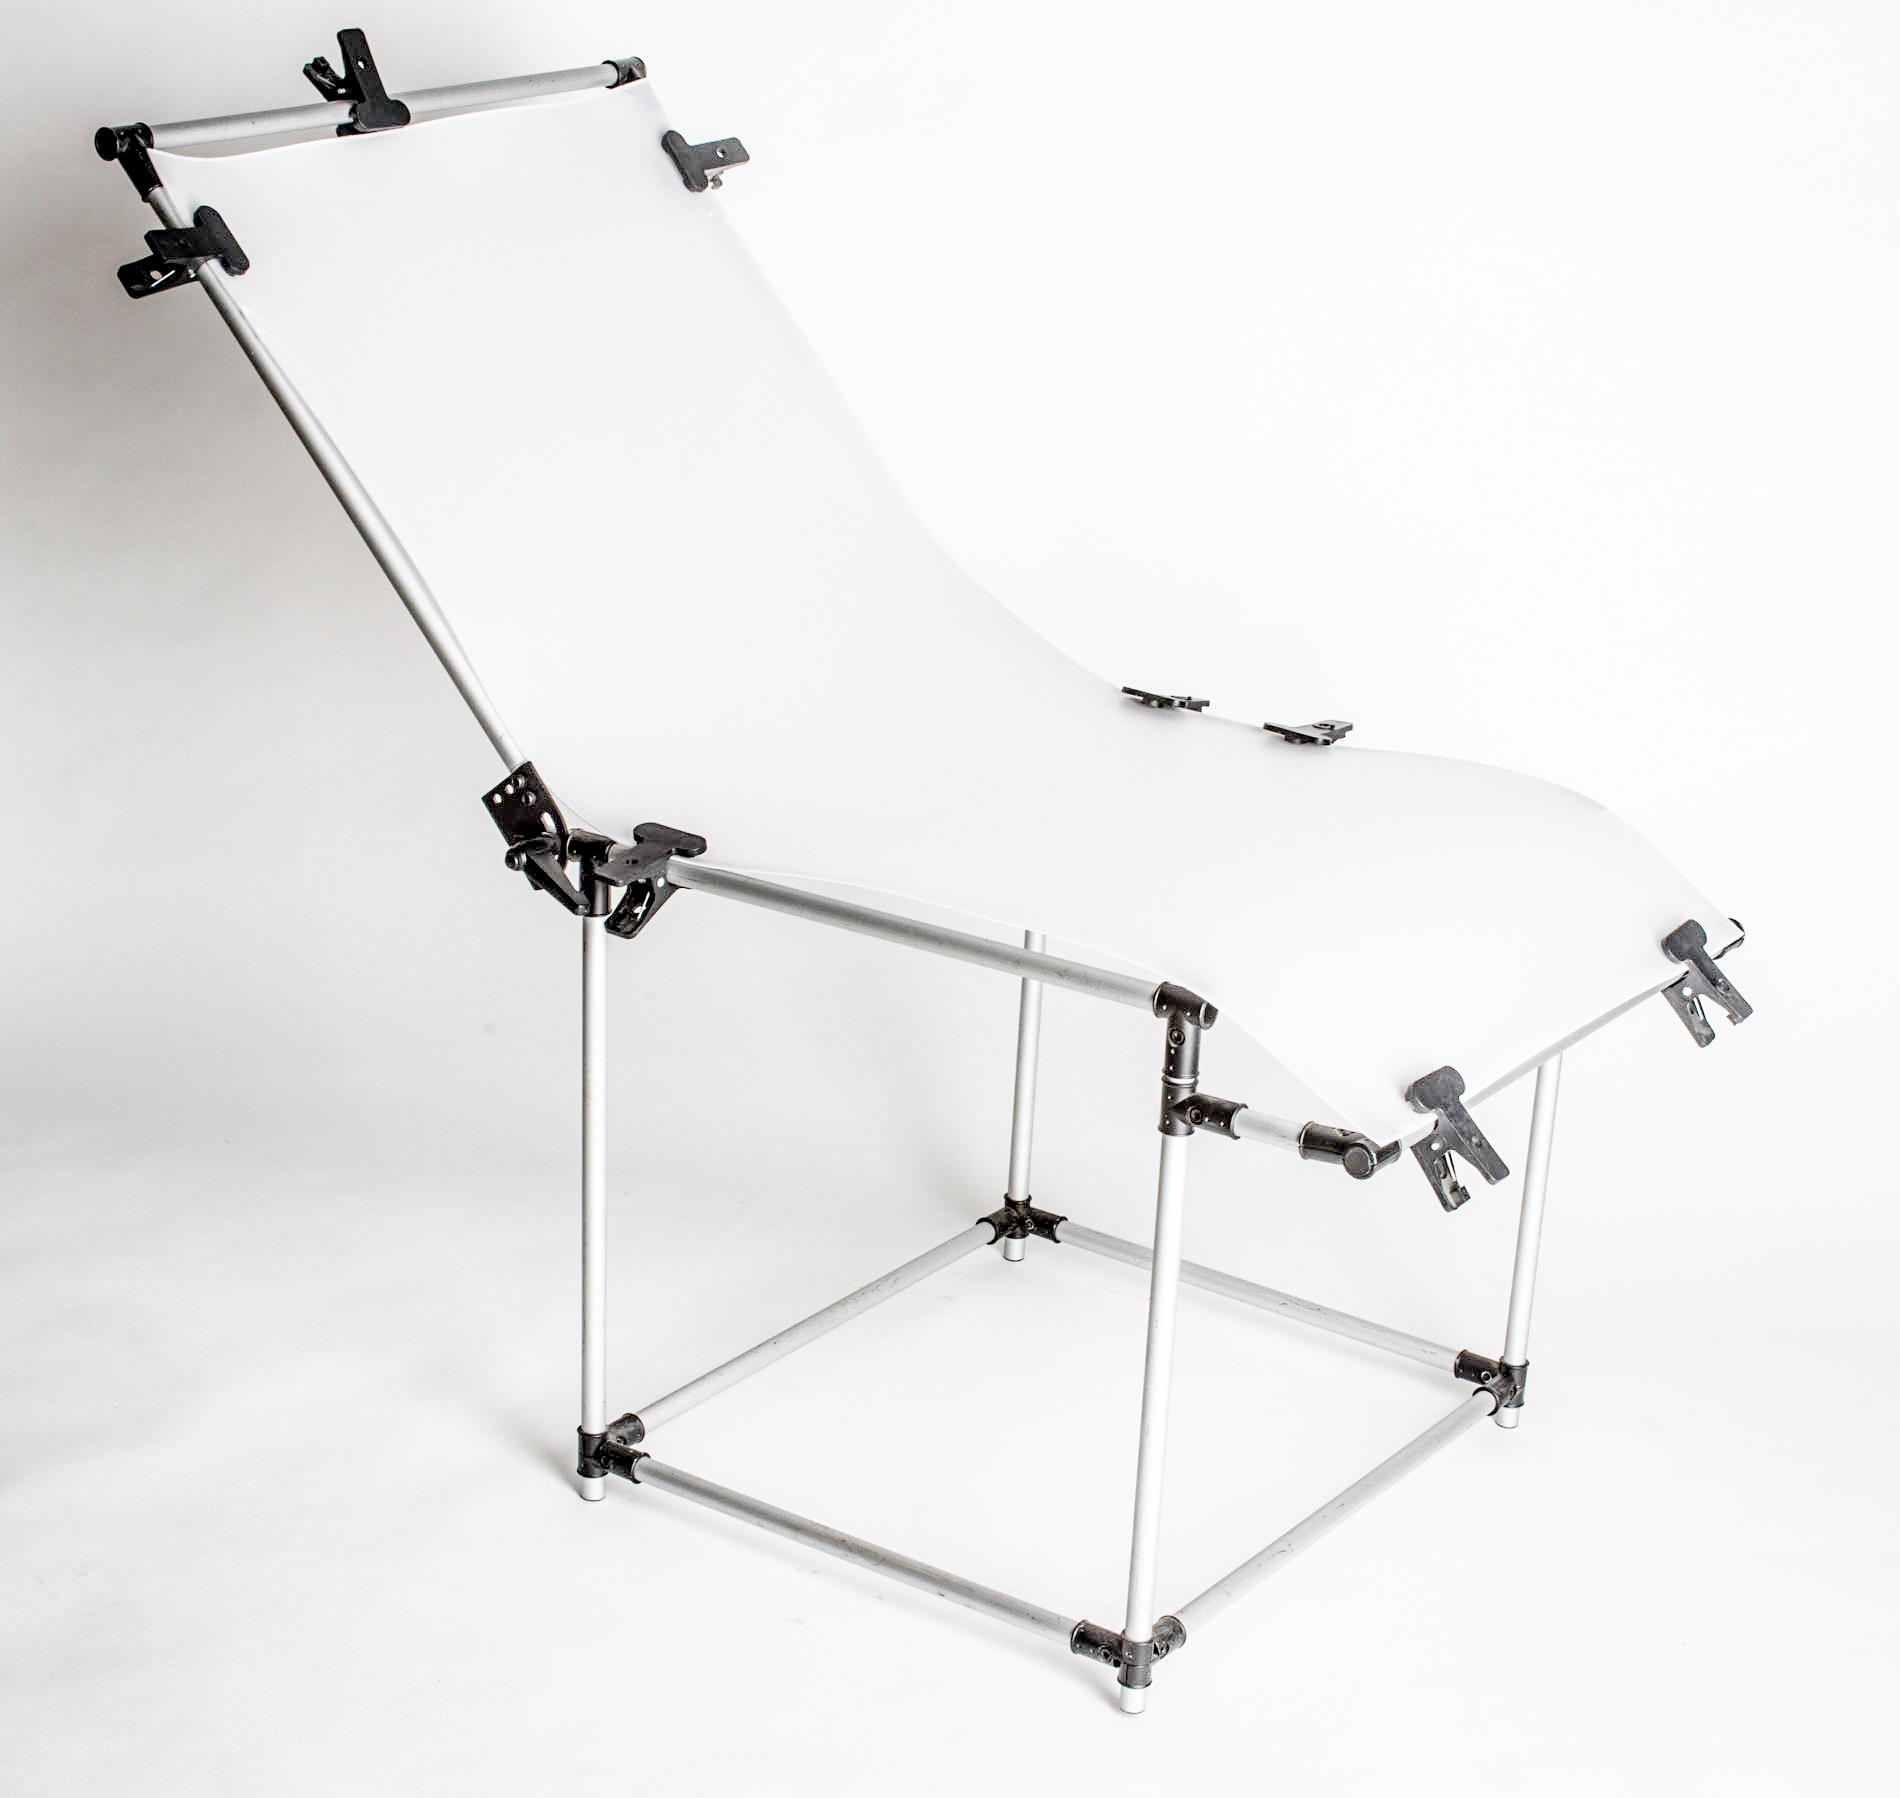 Table lumineuse pouvant être utiliser pour la prise de vue de packshot afin de bien détourer le sujet